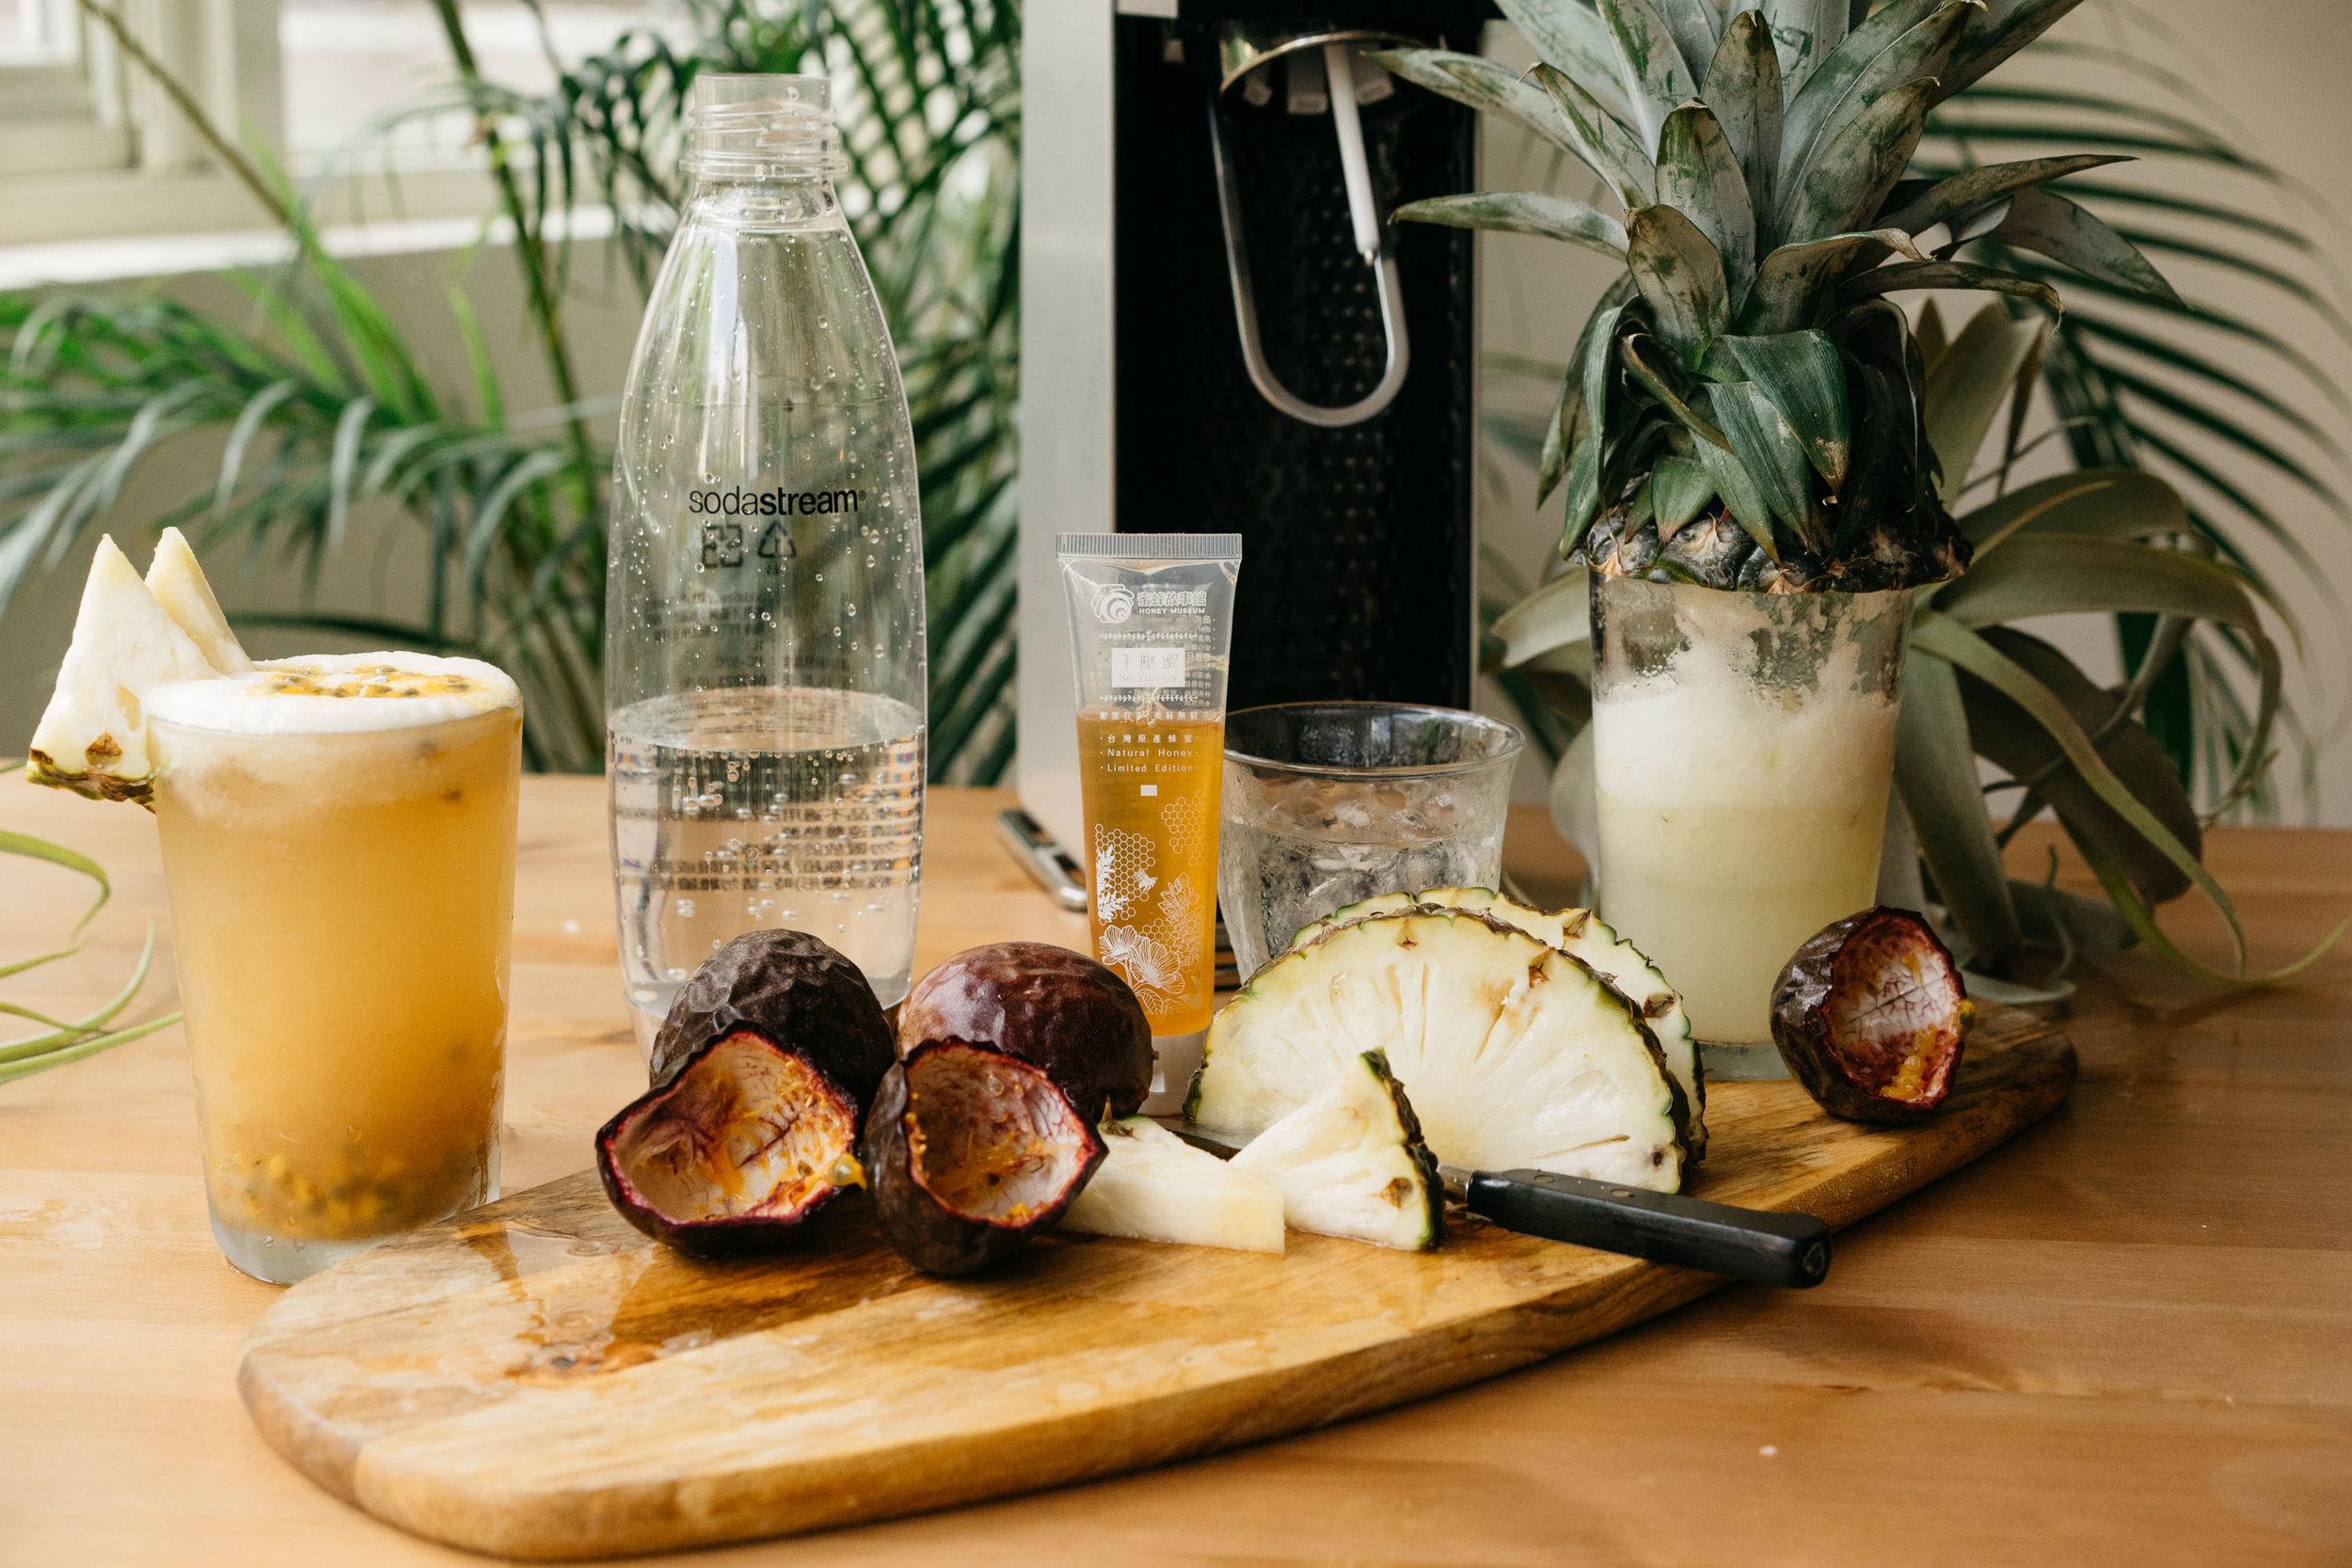 | 材料 |  百香果 2顆+鳳梨汁 50ml+紅茶 50ml+蜂蜜少許+氣泡水 100ml  | 作法 |  百香果切開,取出果肉。  將百香果、鳳梨汁、紅茶倒入杯中,再將入冰塊及氣泡水。